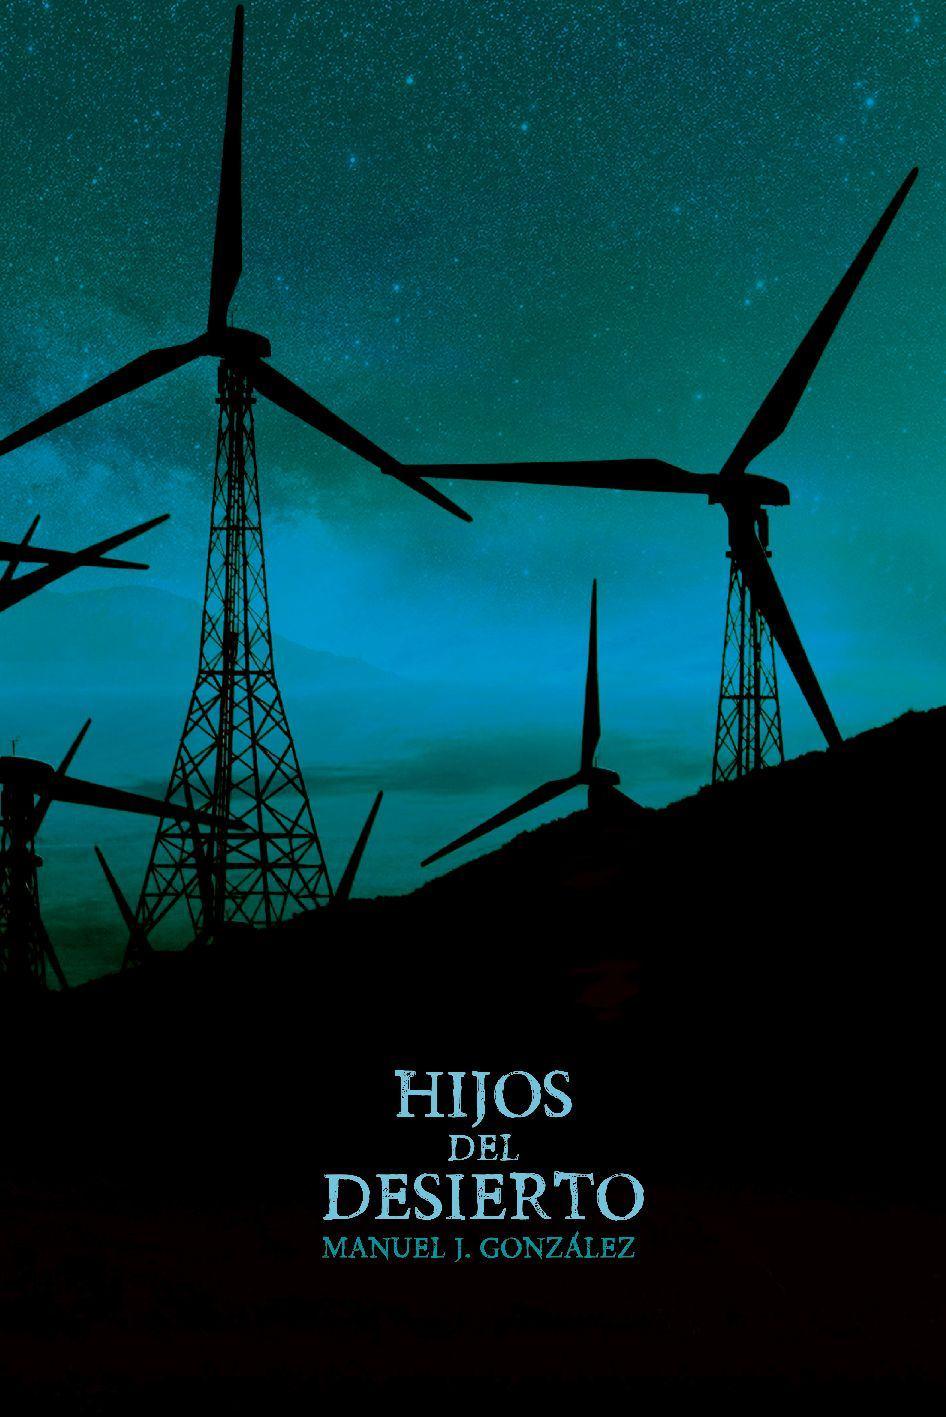 HIJOS DEL DESIERTO [nuevo libro de Hank] Hijos_11